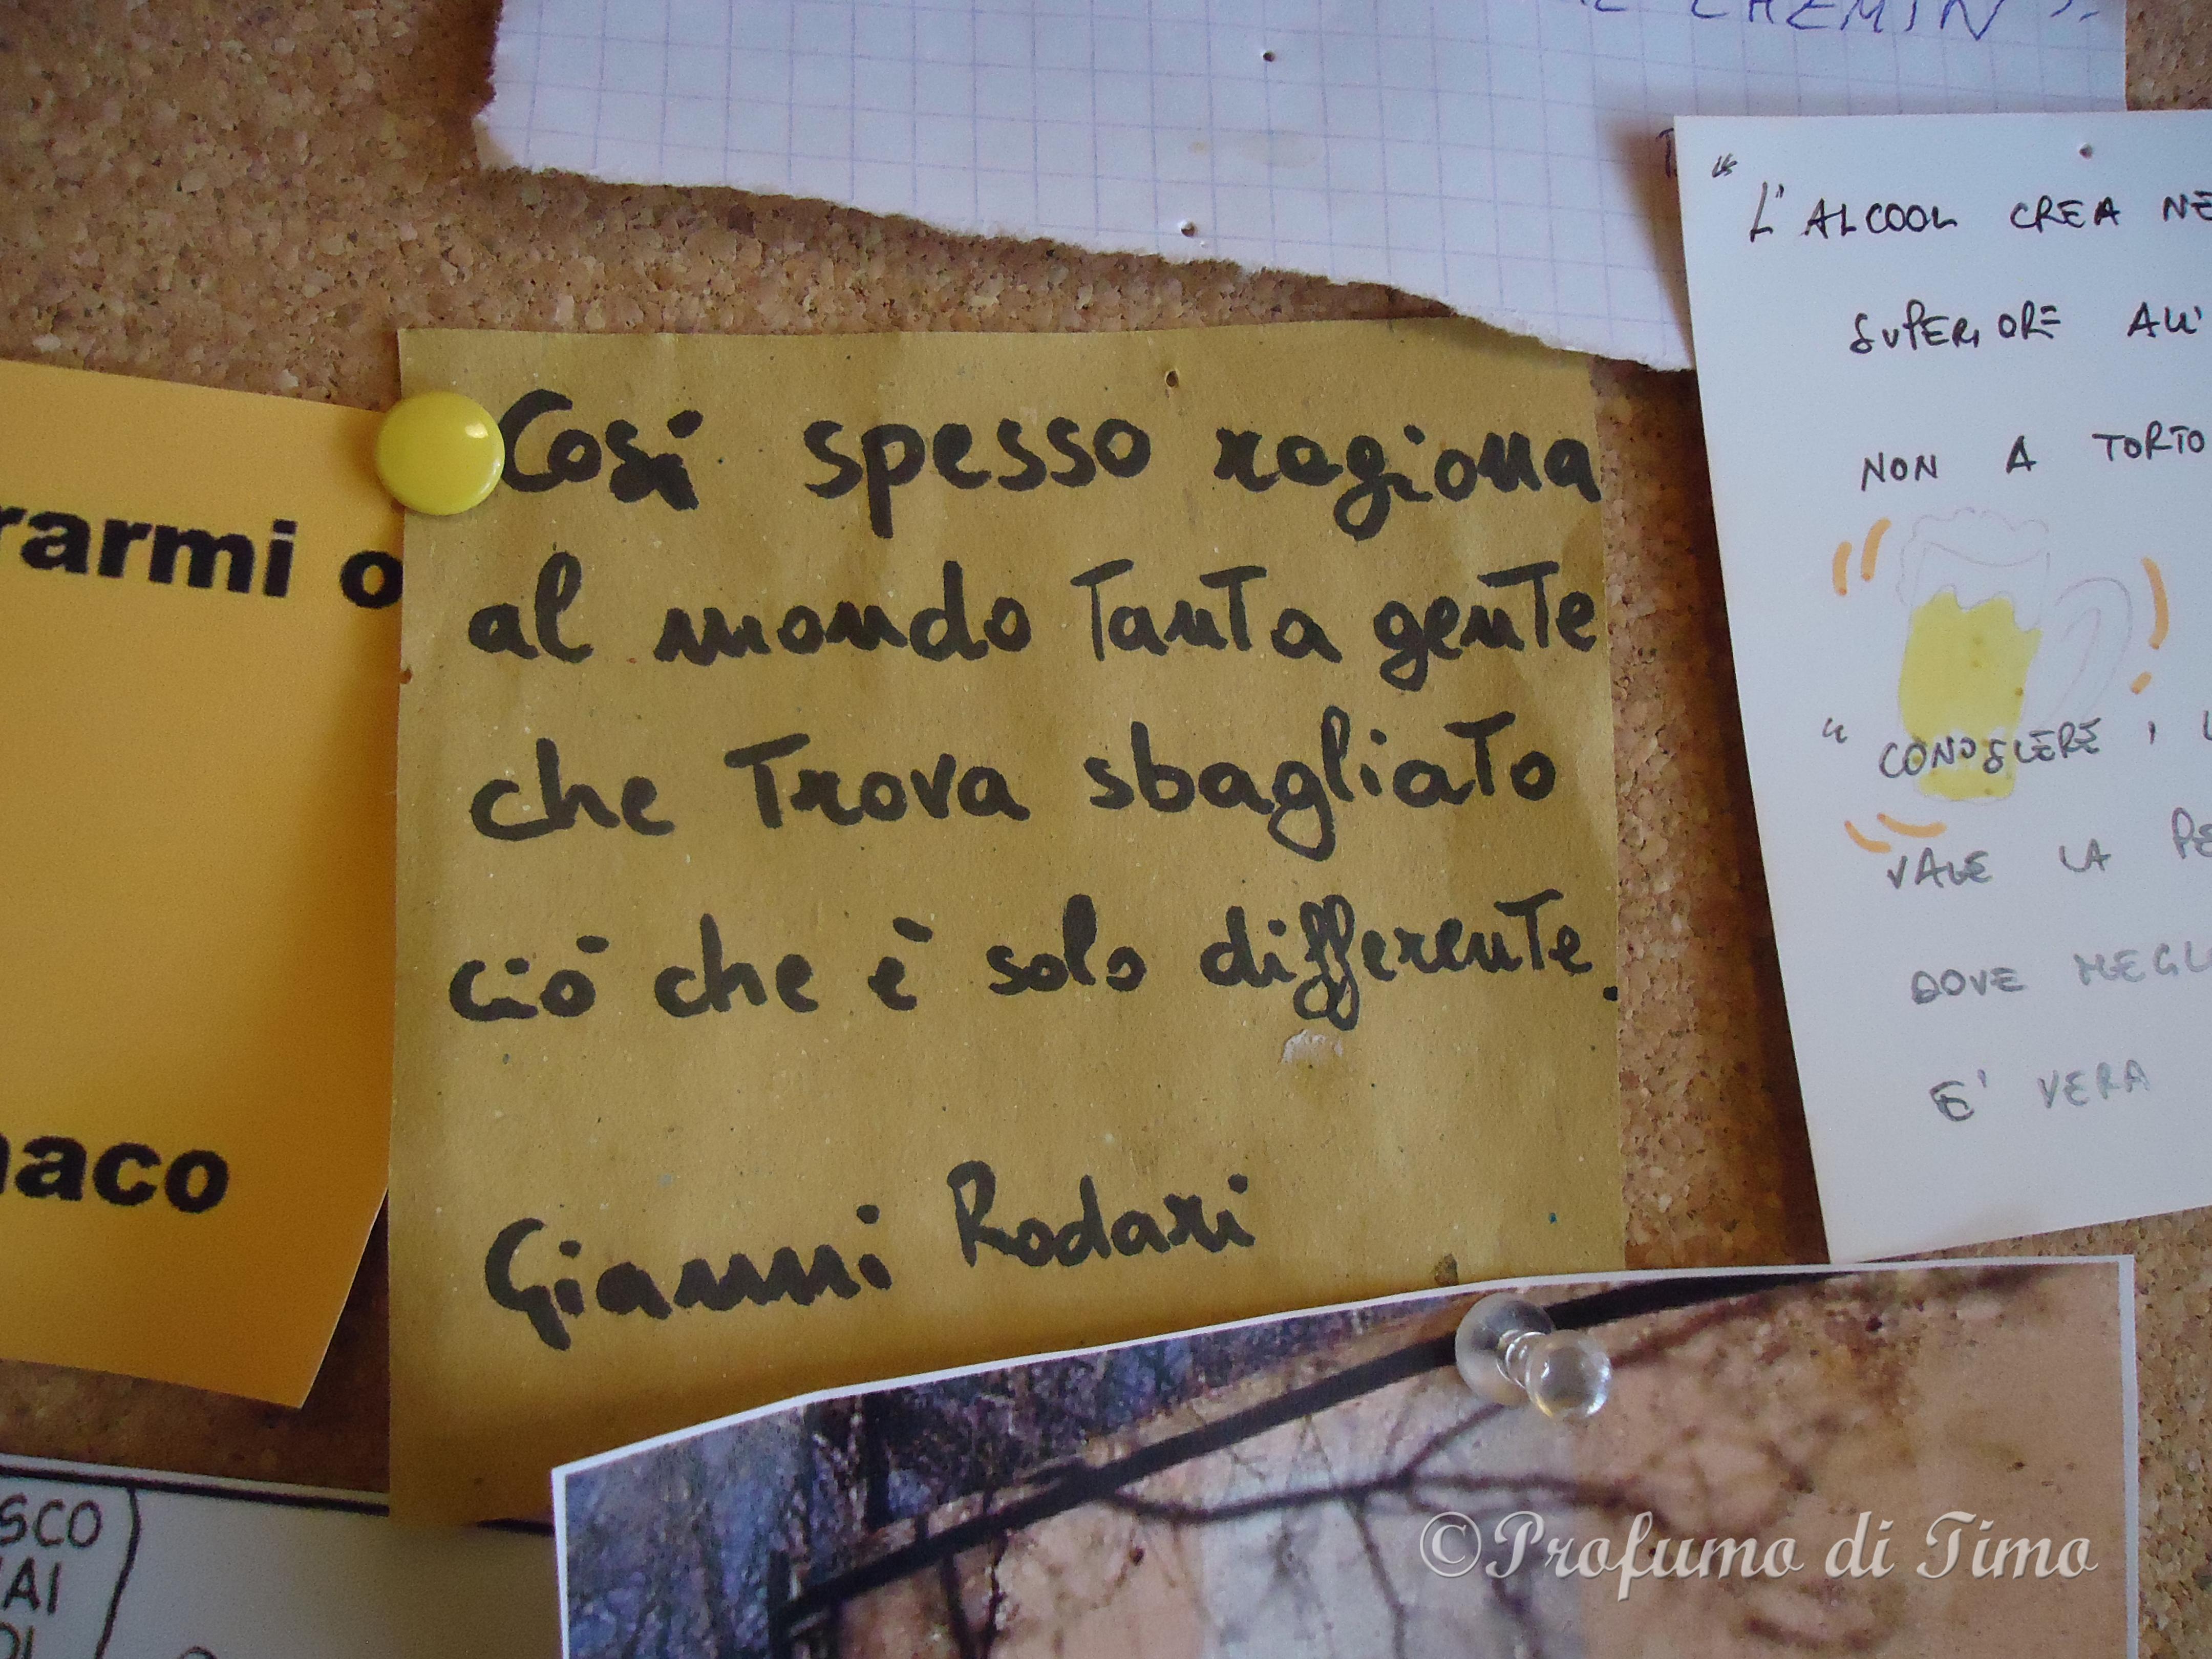 pranzo a Modena Gusto Giusto  (1)